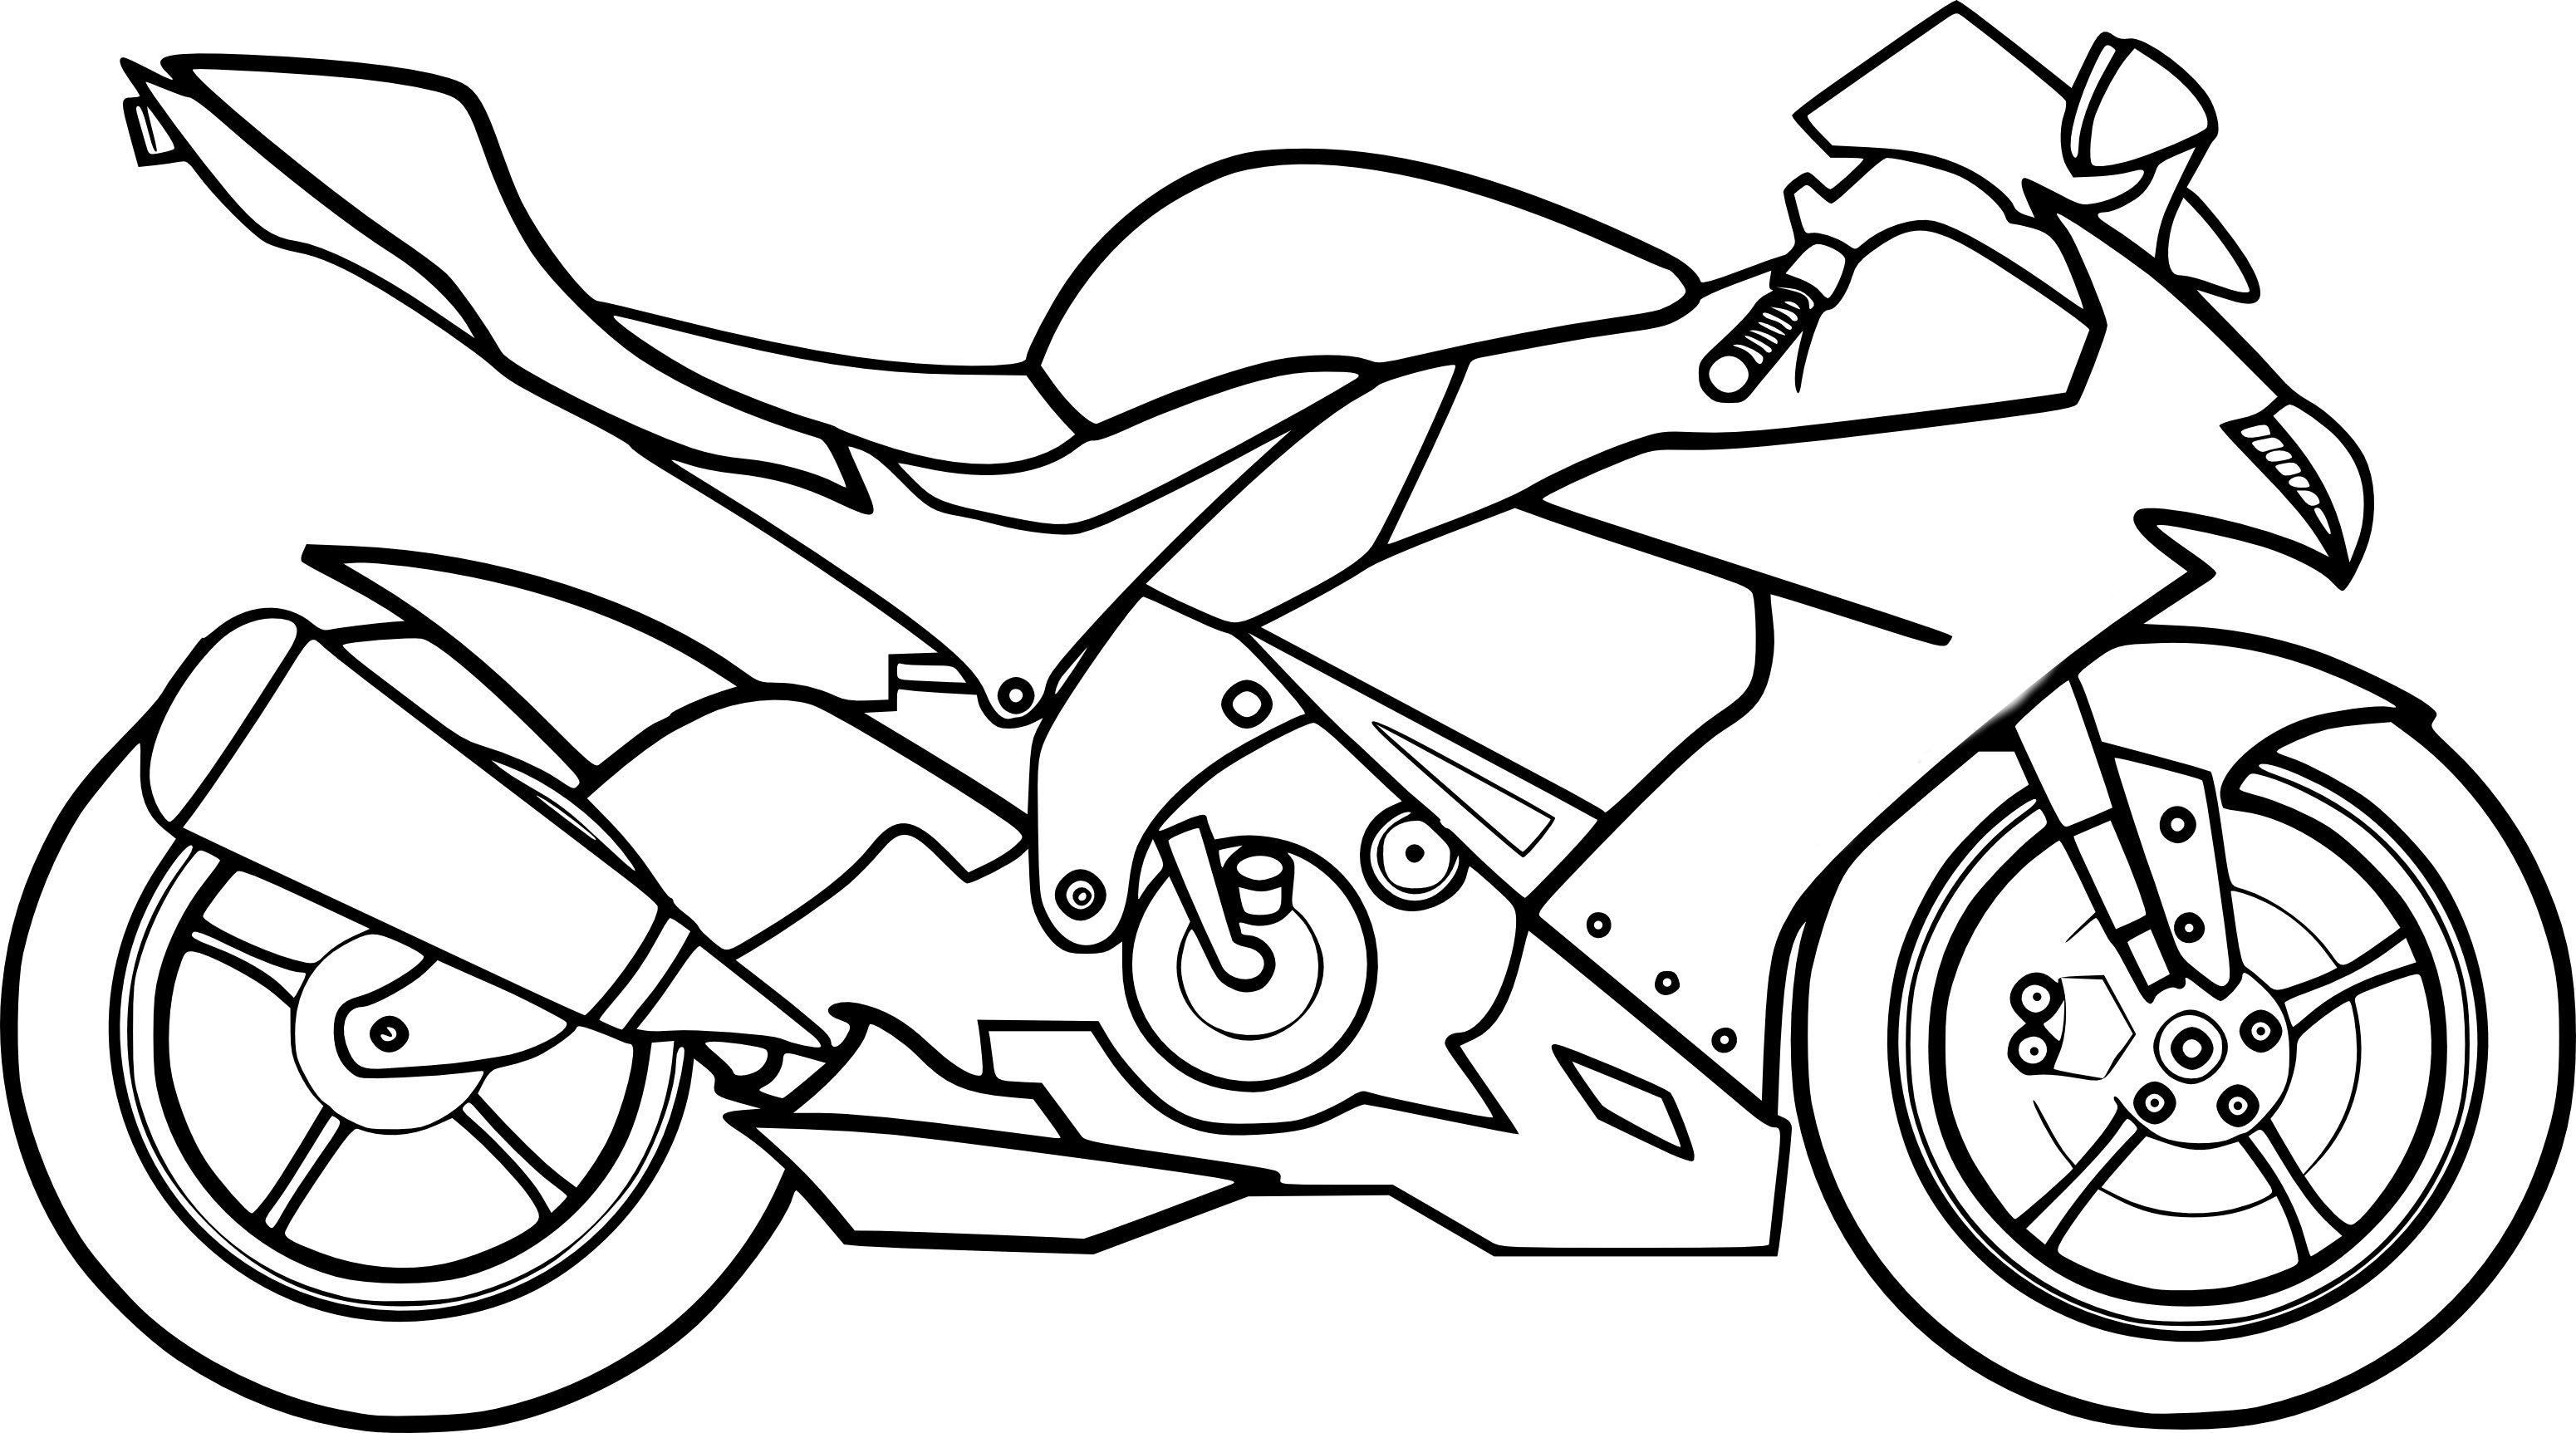 Coloriages À Imprimer : Moto, Numéro : B6420335 dedans Moto Cross A Colorier